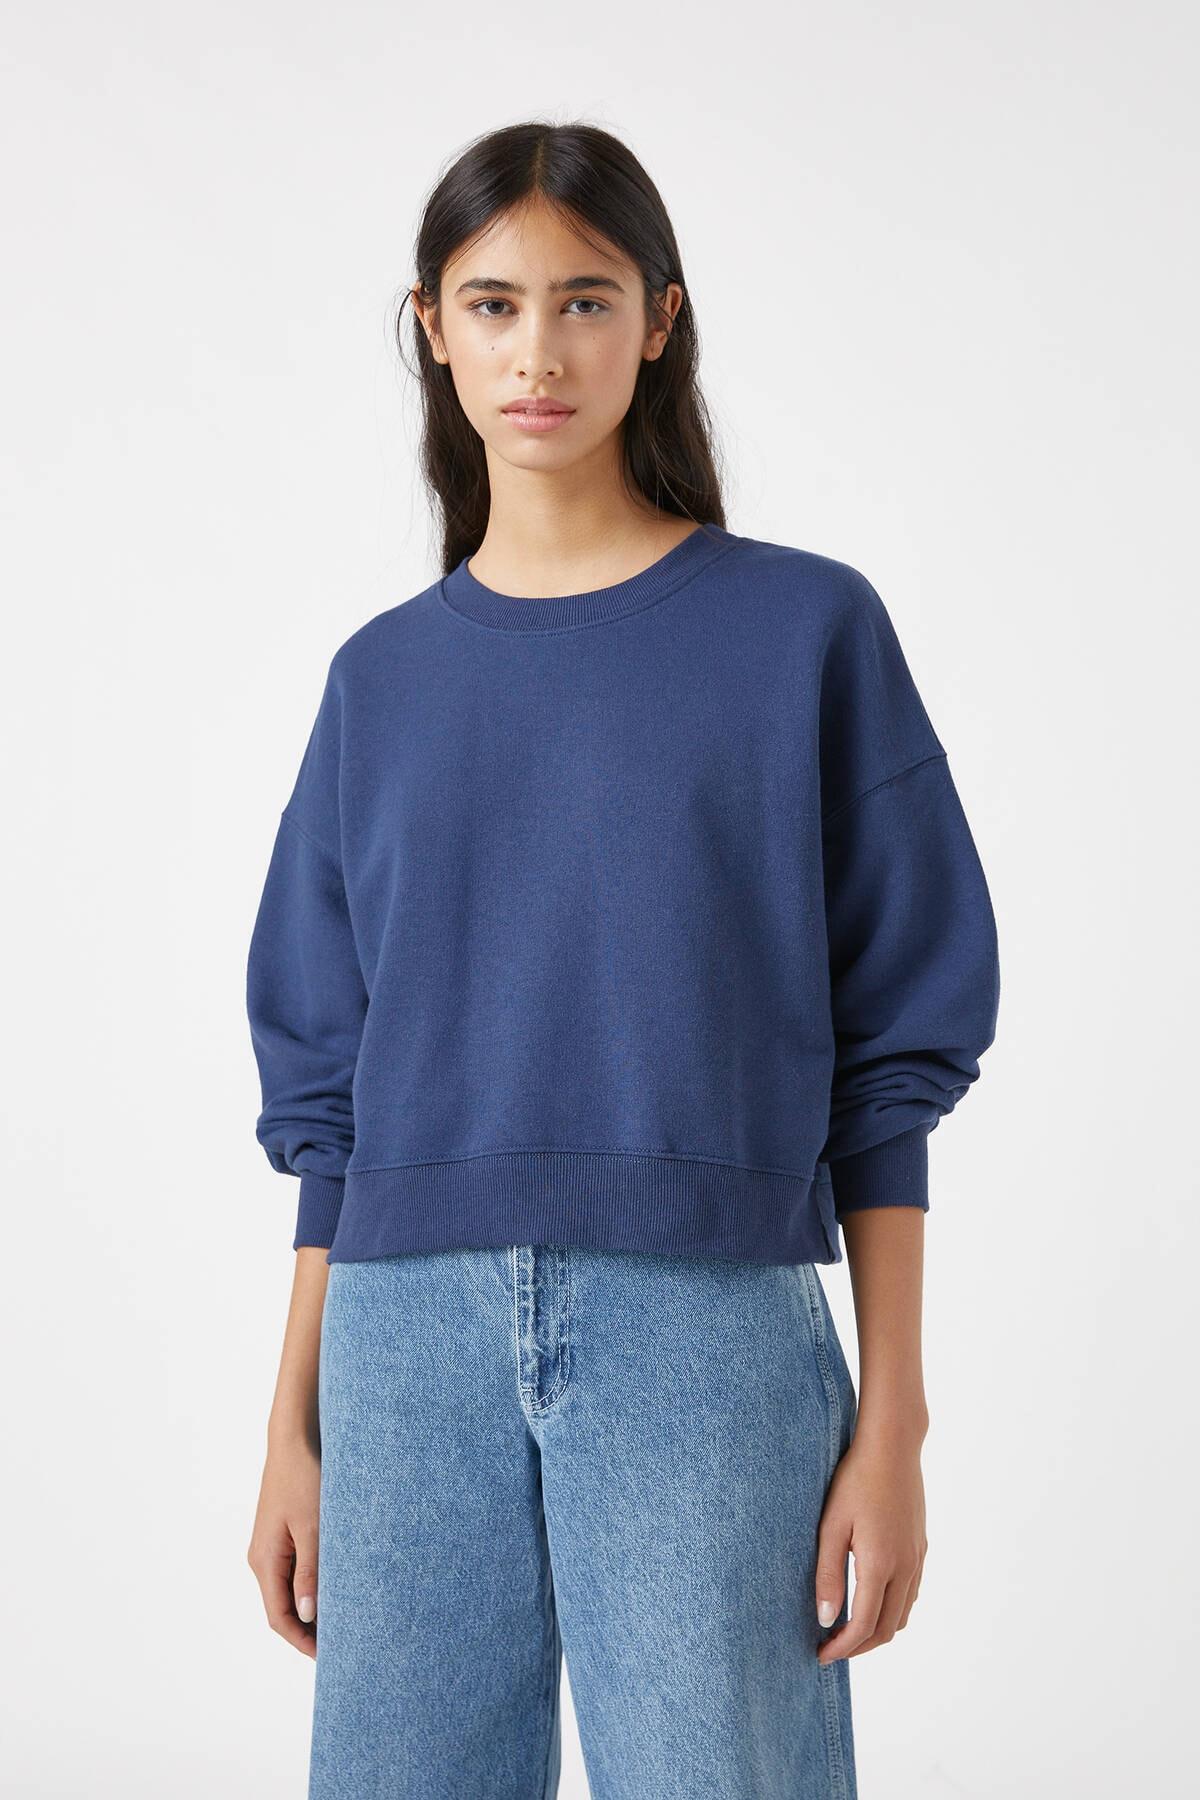 Pull & Bear Kadın Lacivert Geniş Fitilli Şeritli Basic Sweatshirt. 05596402